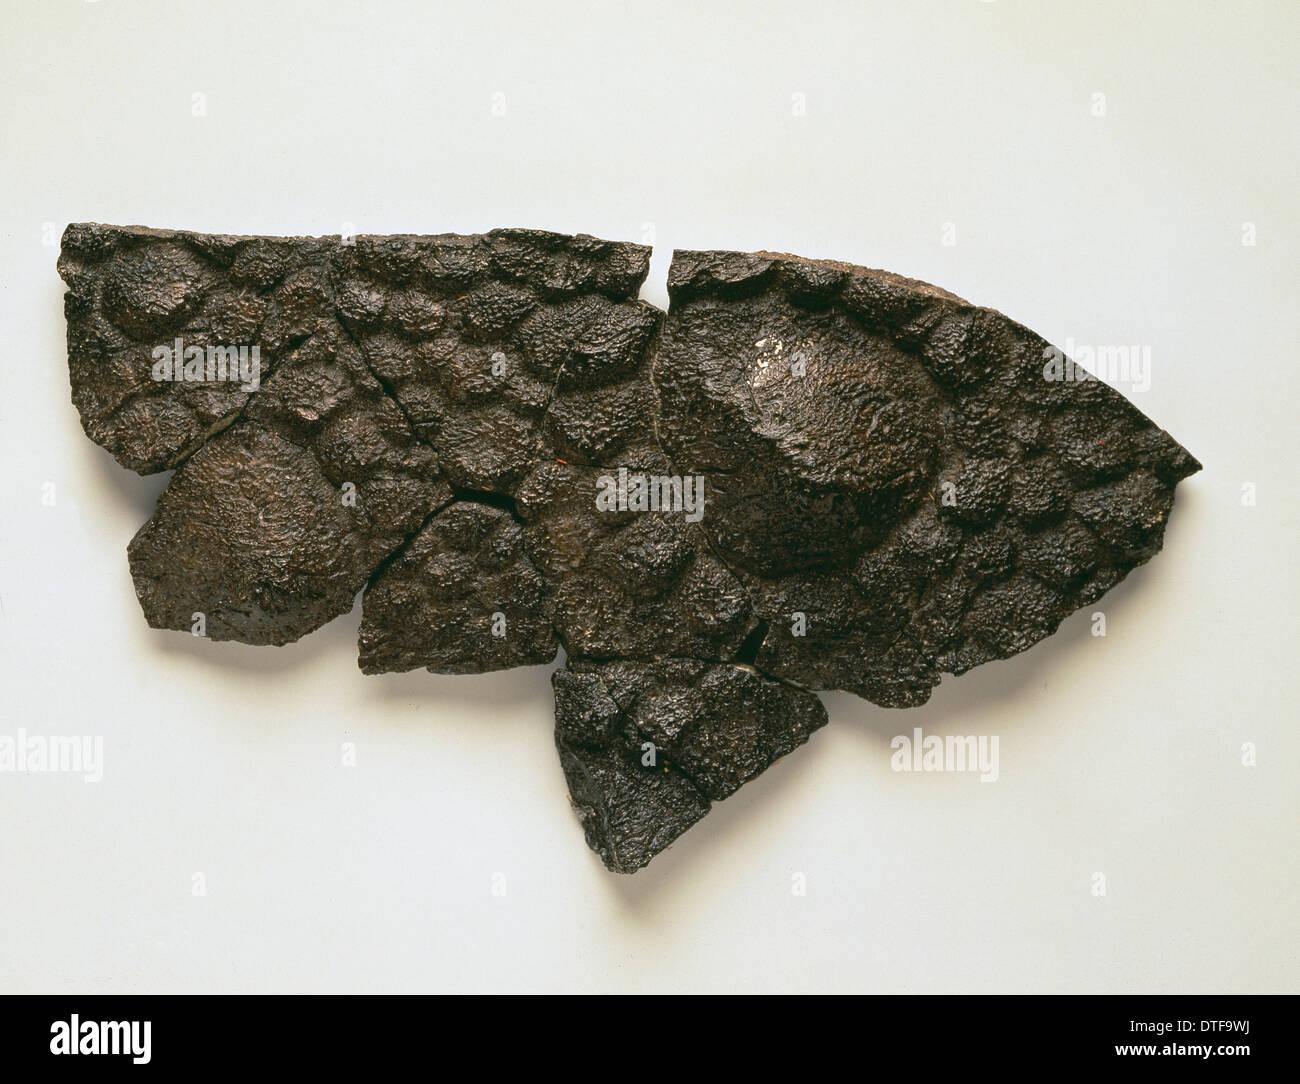 Polacanthus skin impression Stock Photo